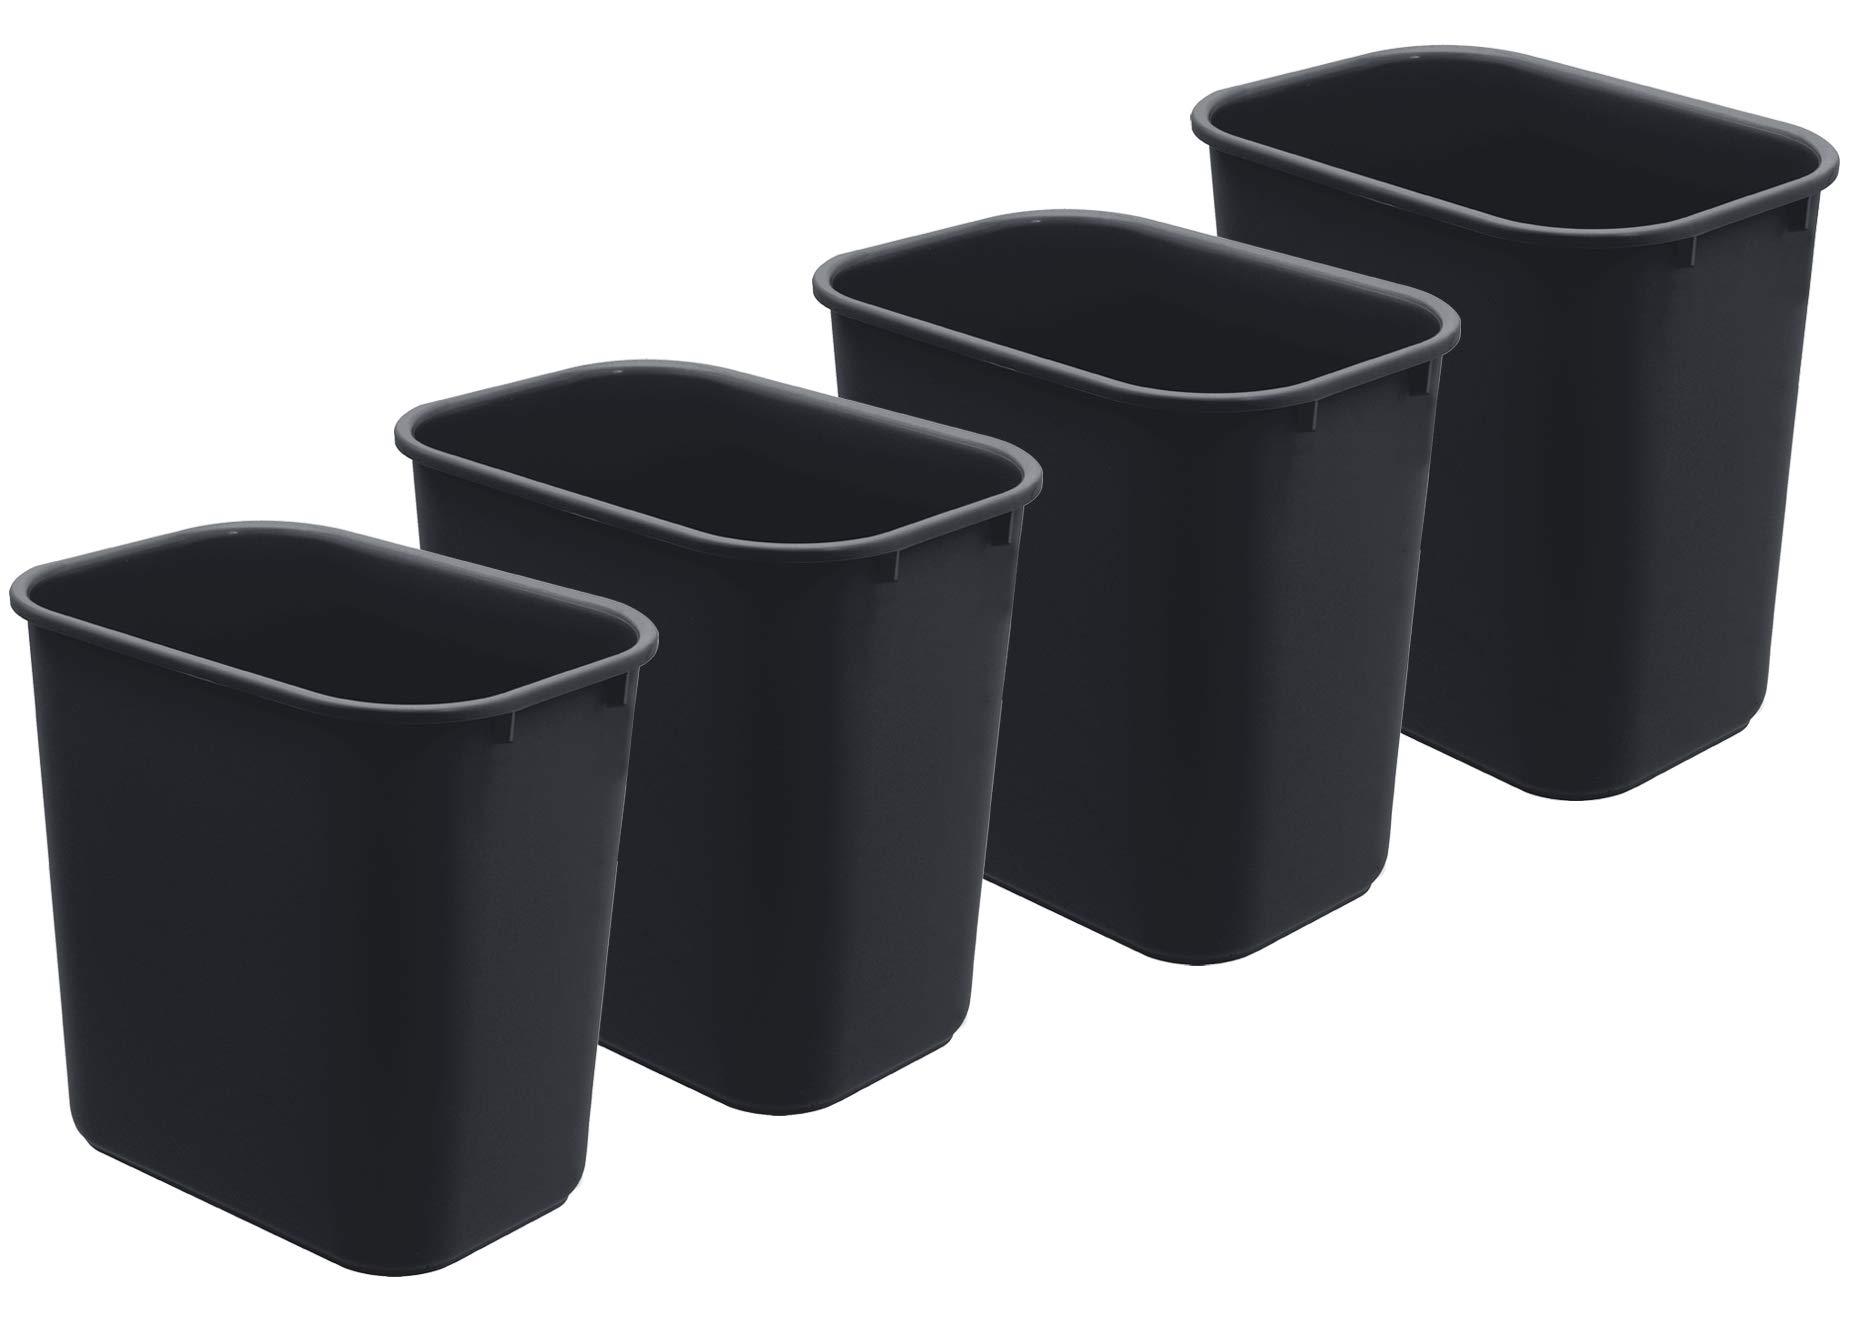 Acrimet Wastebasket 27QT Plastic (Black Color) (4 Pack) by Acrimet